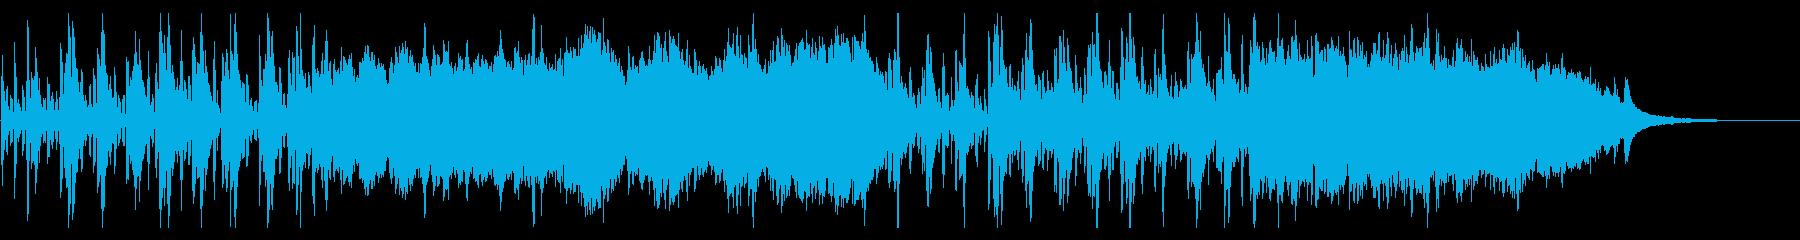 弦と木管とピアノの心弾むような日常BGMの再生済みの波形